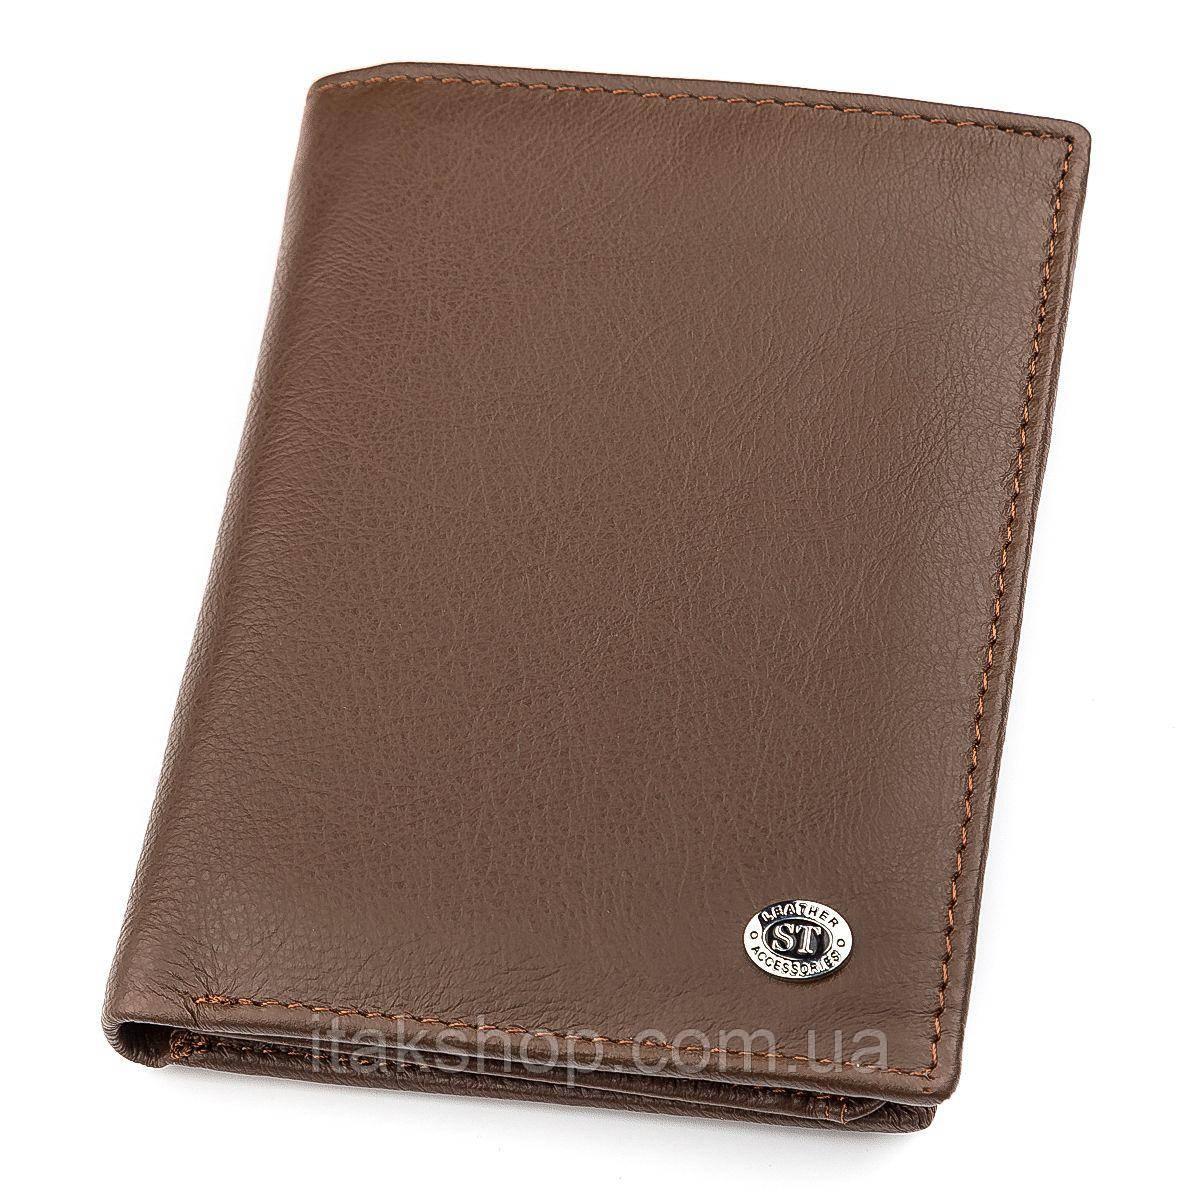 Мужской бумажник ST Leather 18348 (ST-2) сверхпрочный Коричневый, Коричневый